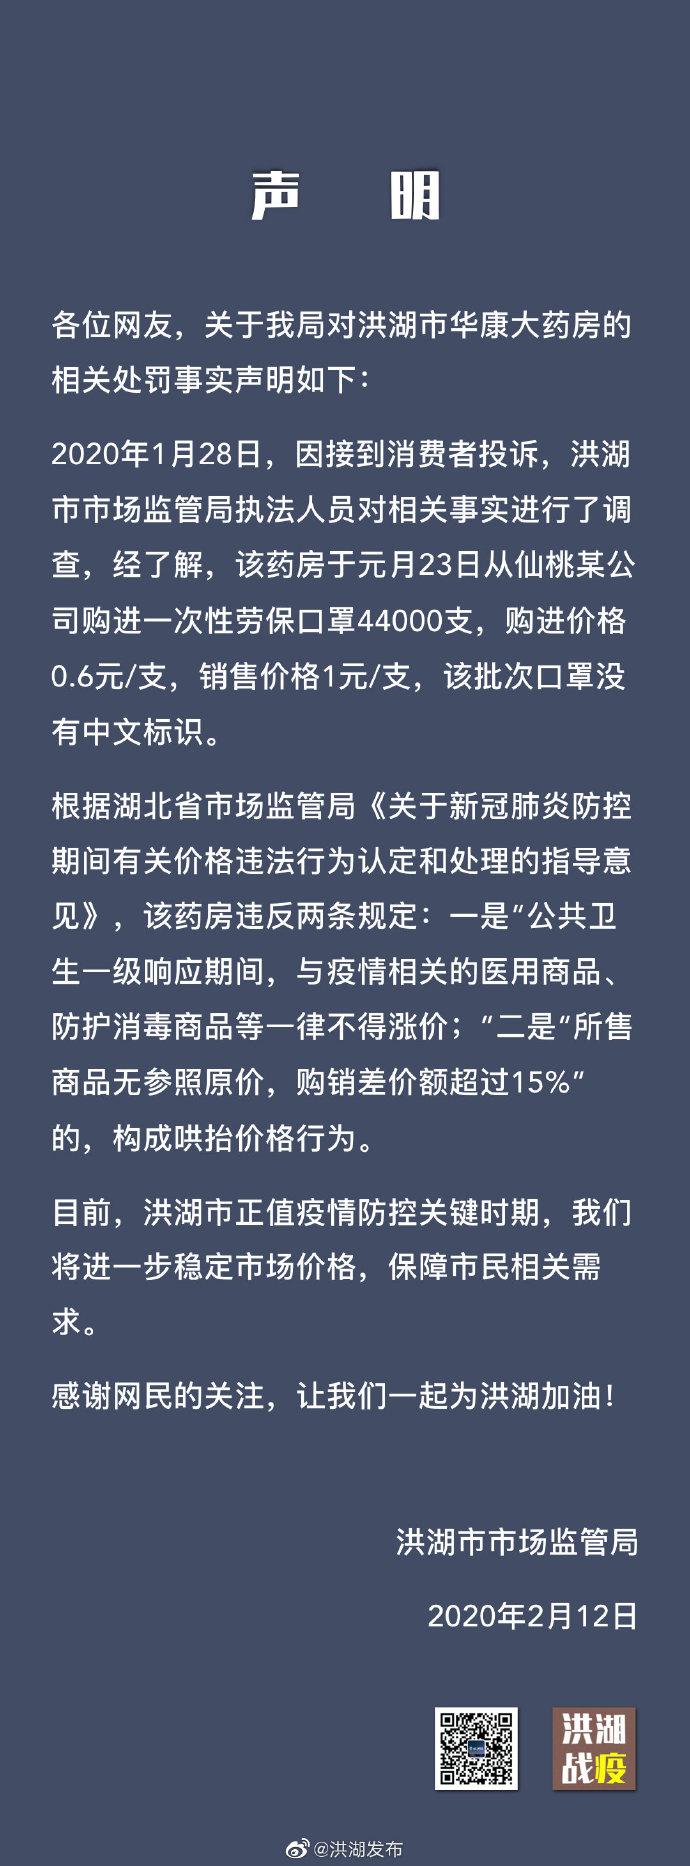 中国铁建打响分拆上市第一枪央企资本运作加速